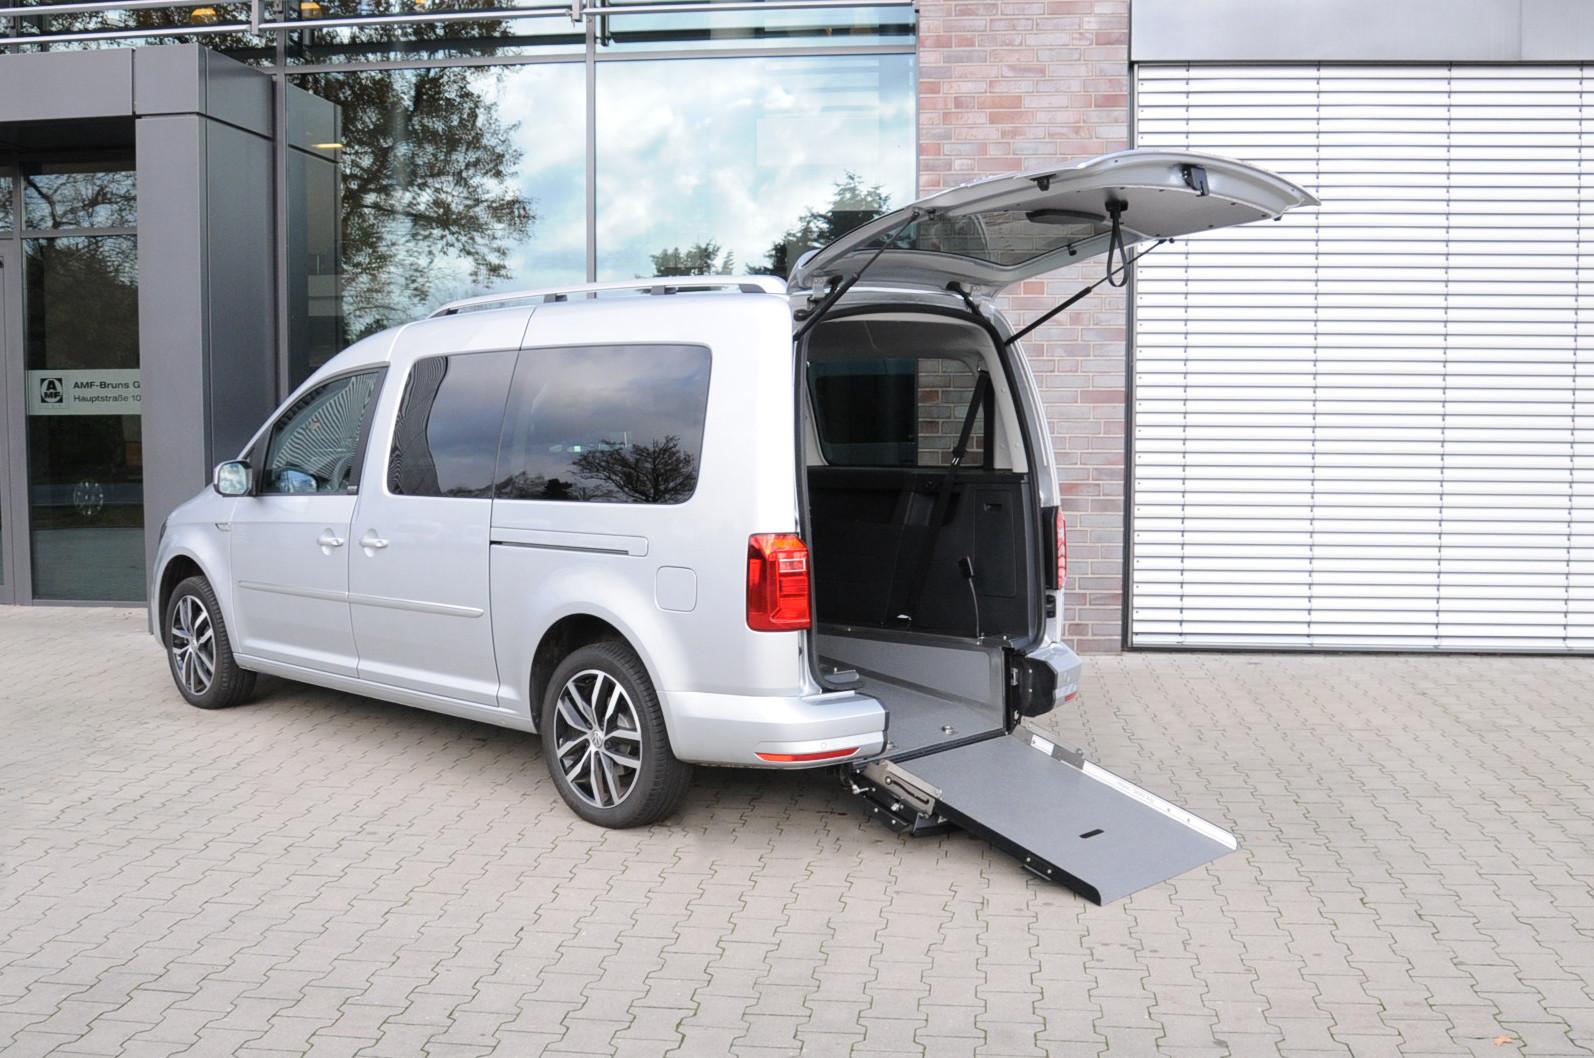 AMF-Bruns_VW Caddy Maxi (1).JPG